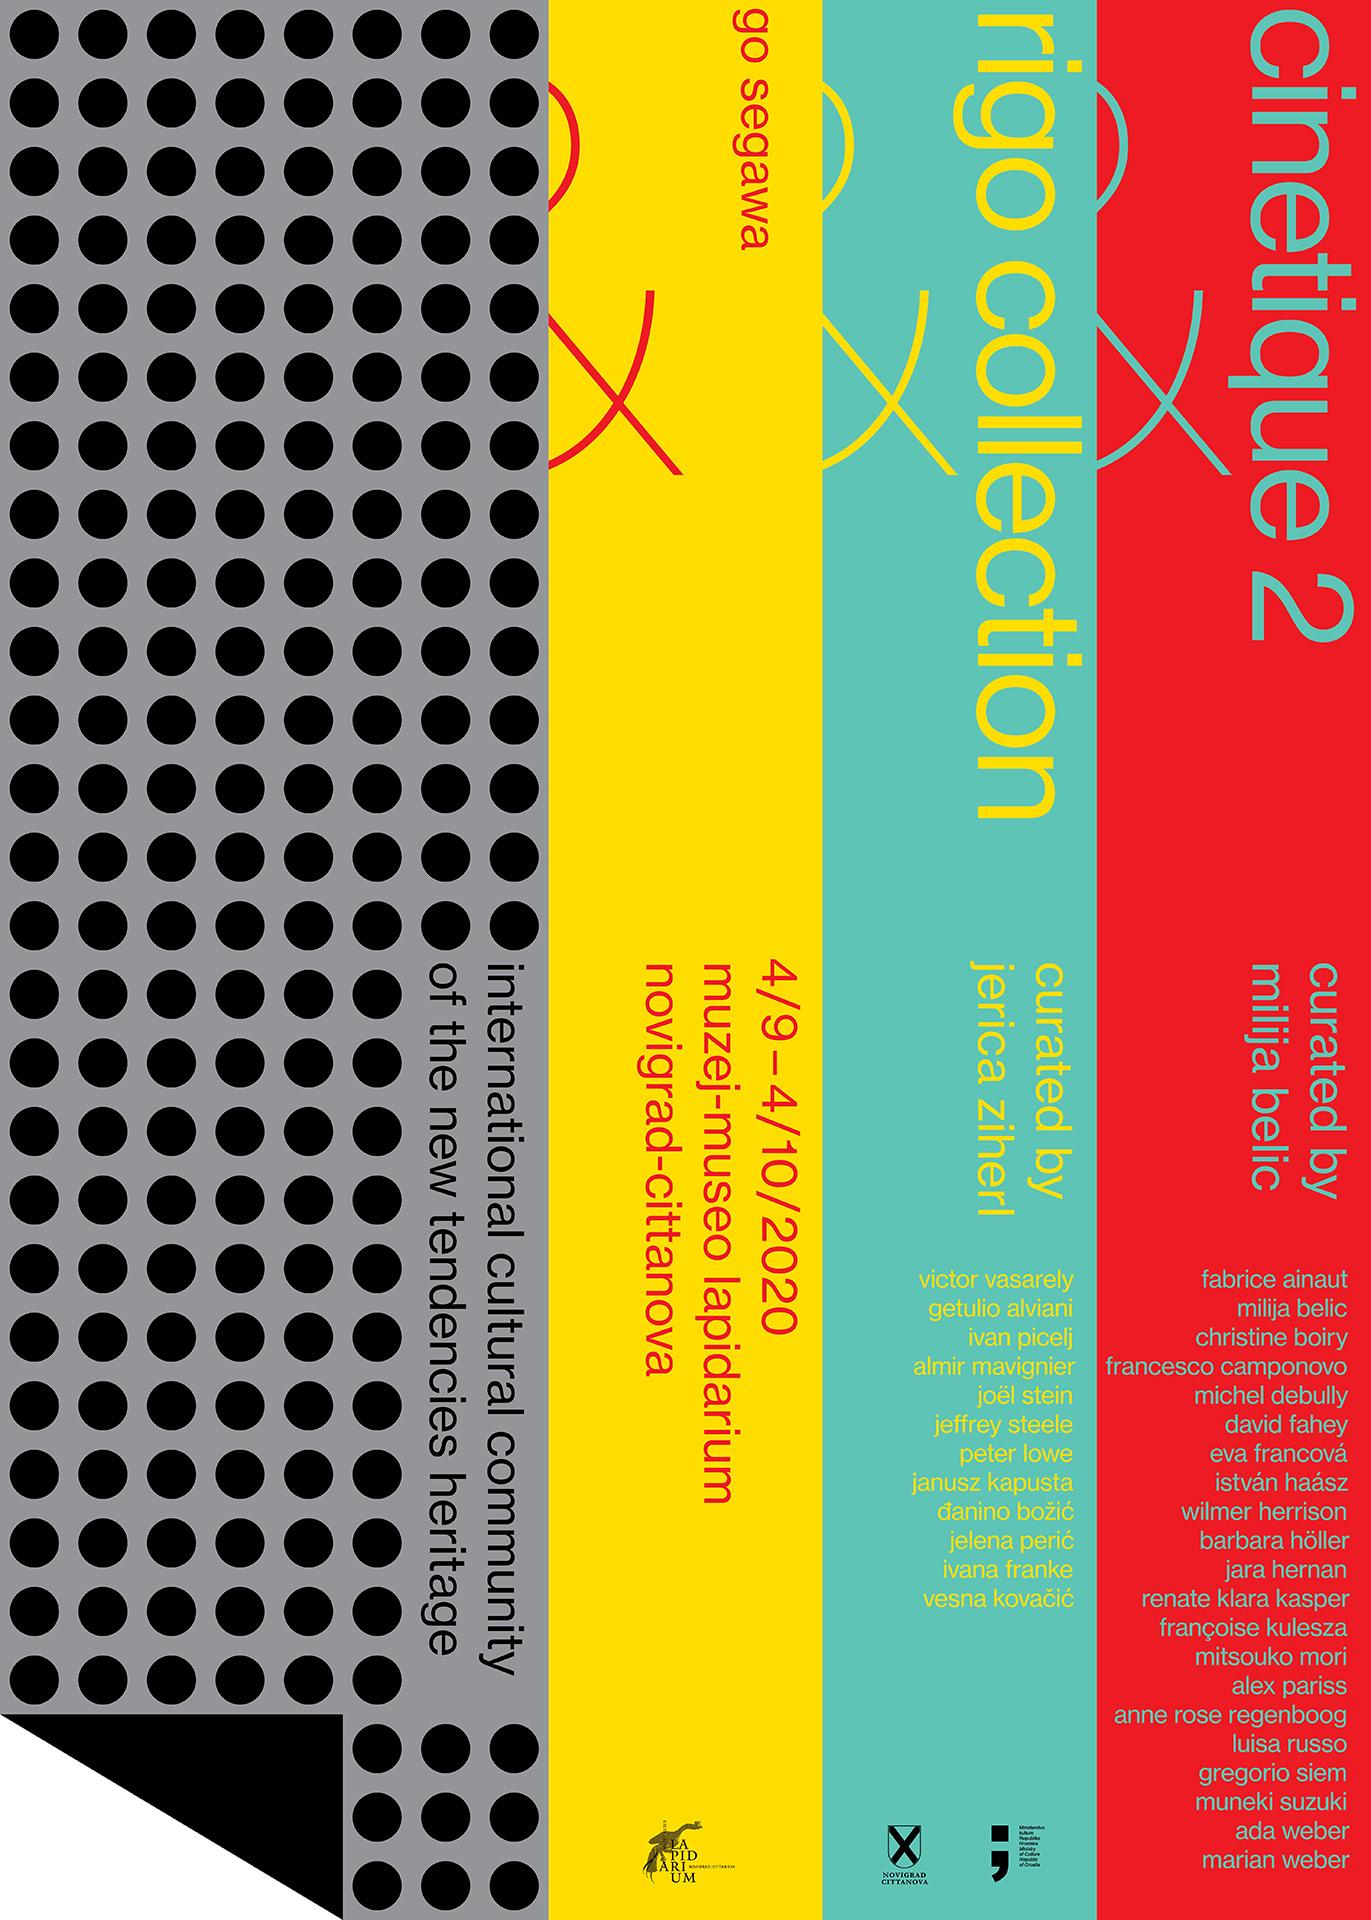 http://www.novigrad.hr/otvorenje_izlozhbe_cinetique_ii